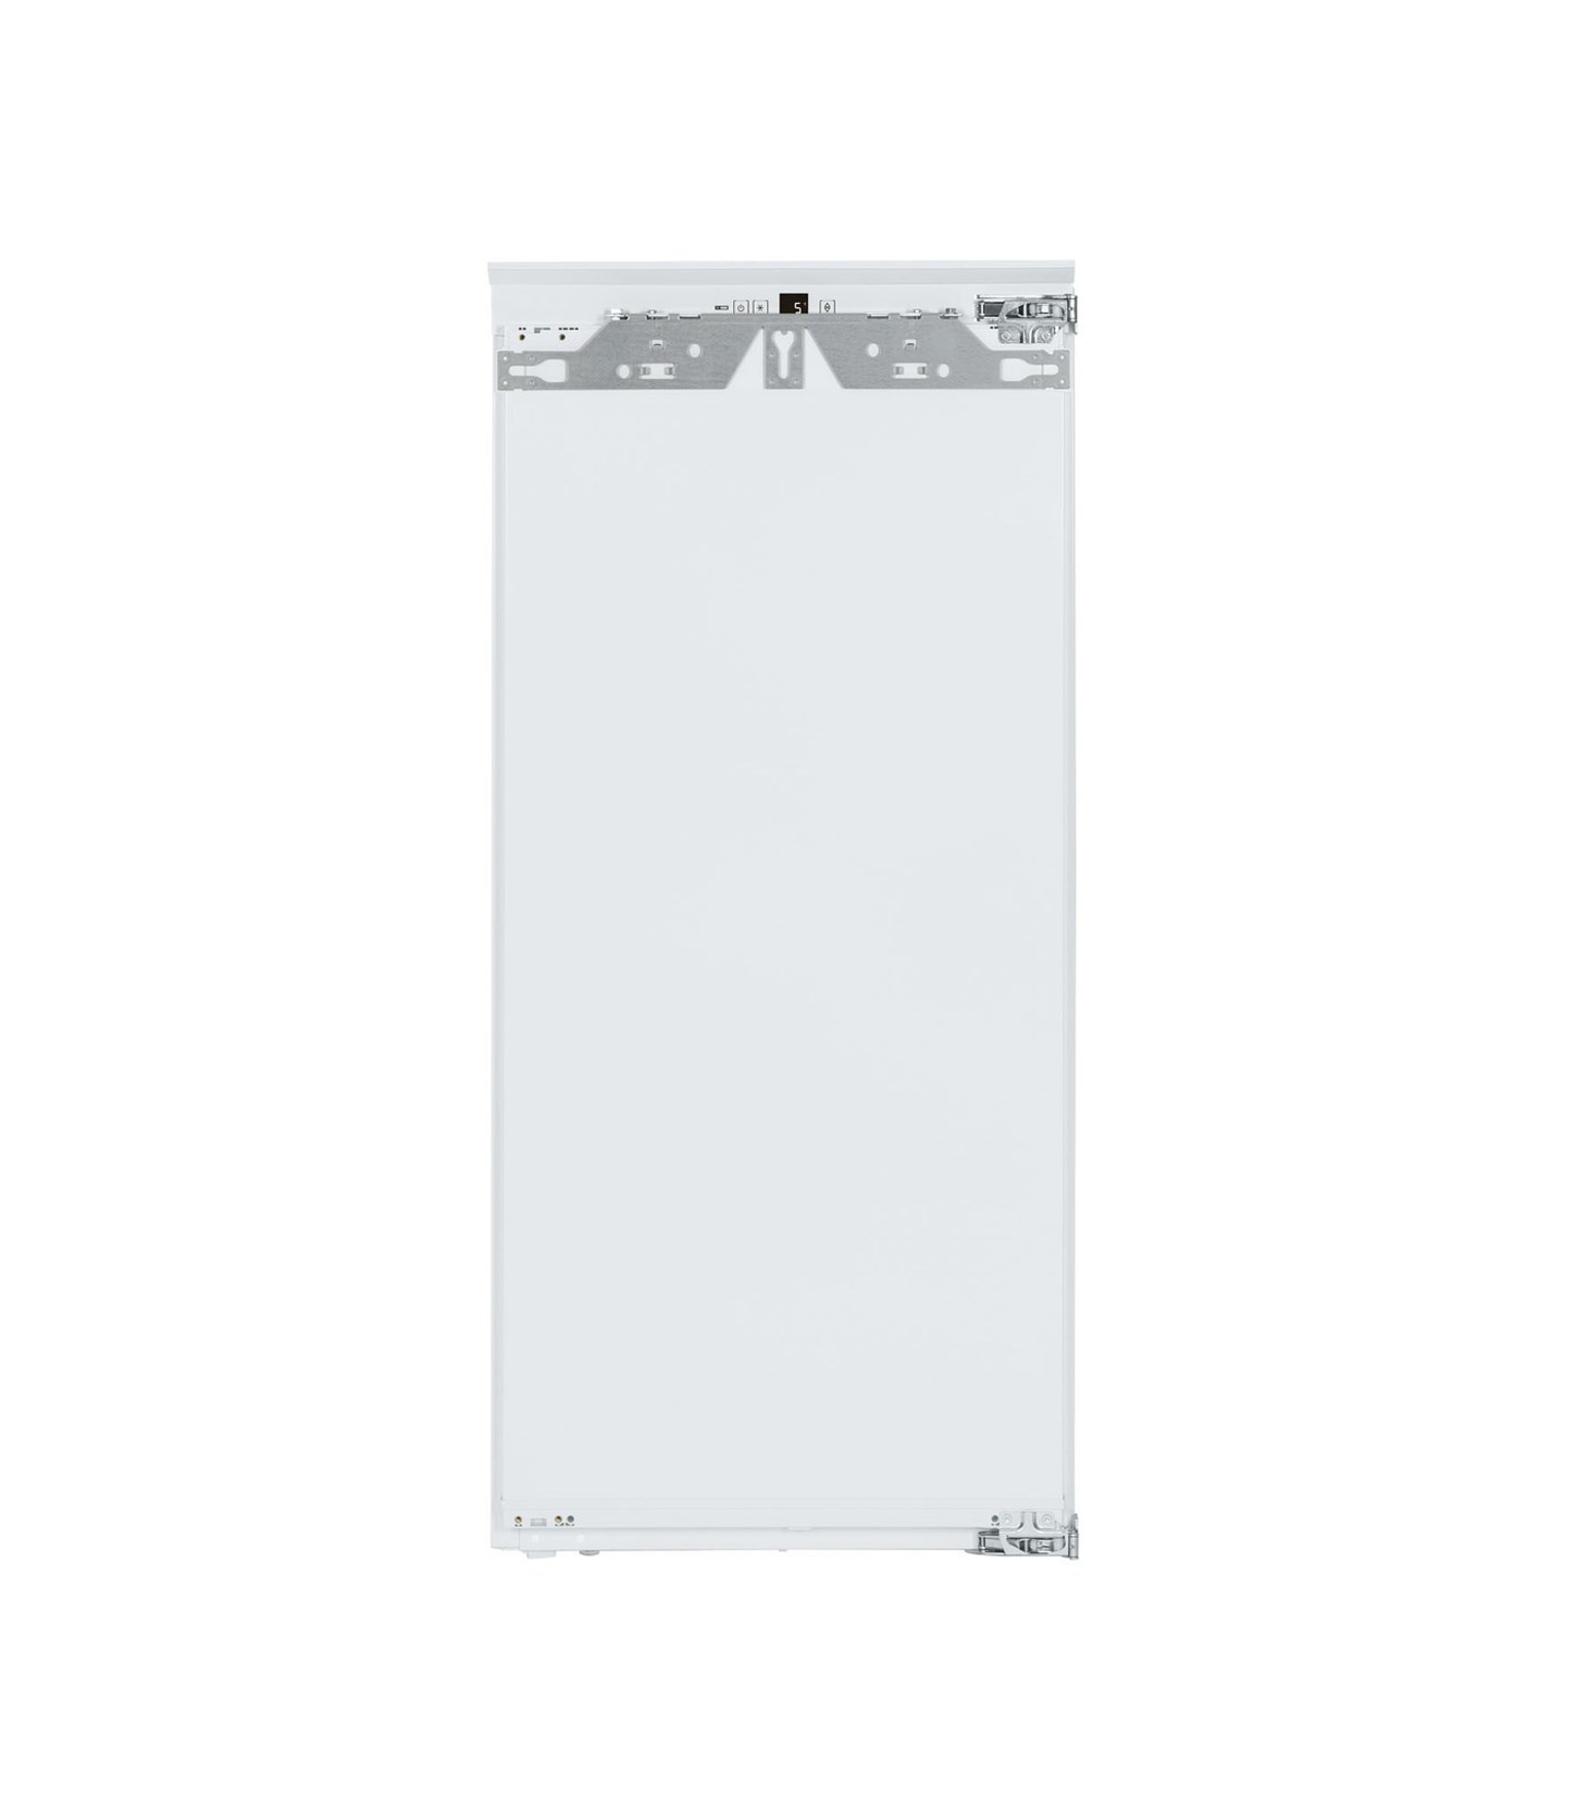 Встраиваемый холодильник liebherr ikb 3560 схема встраивания